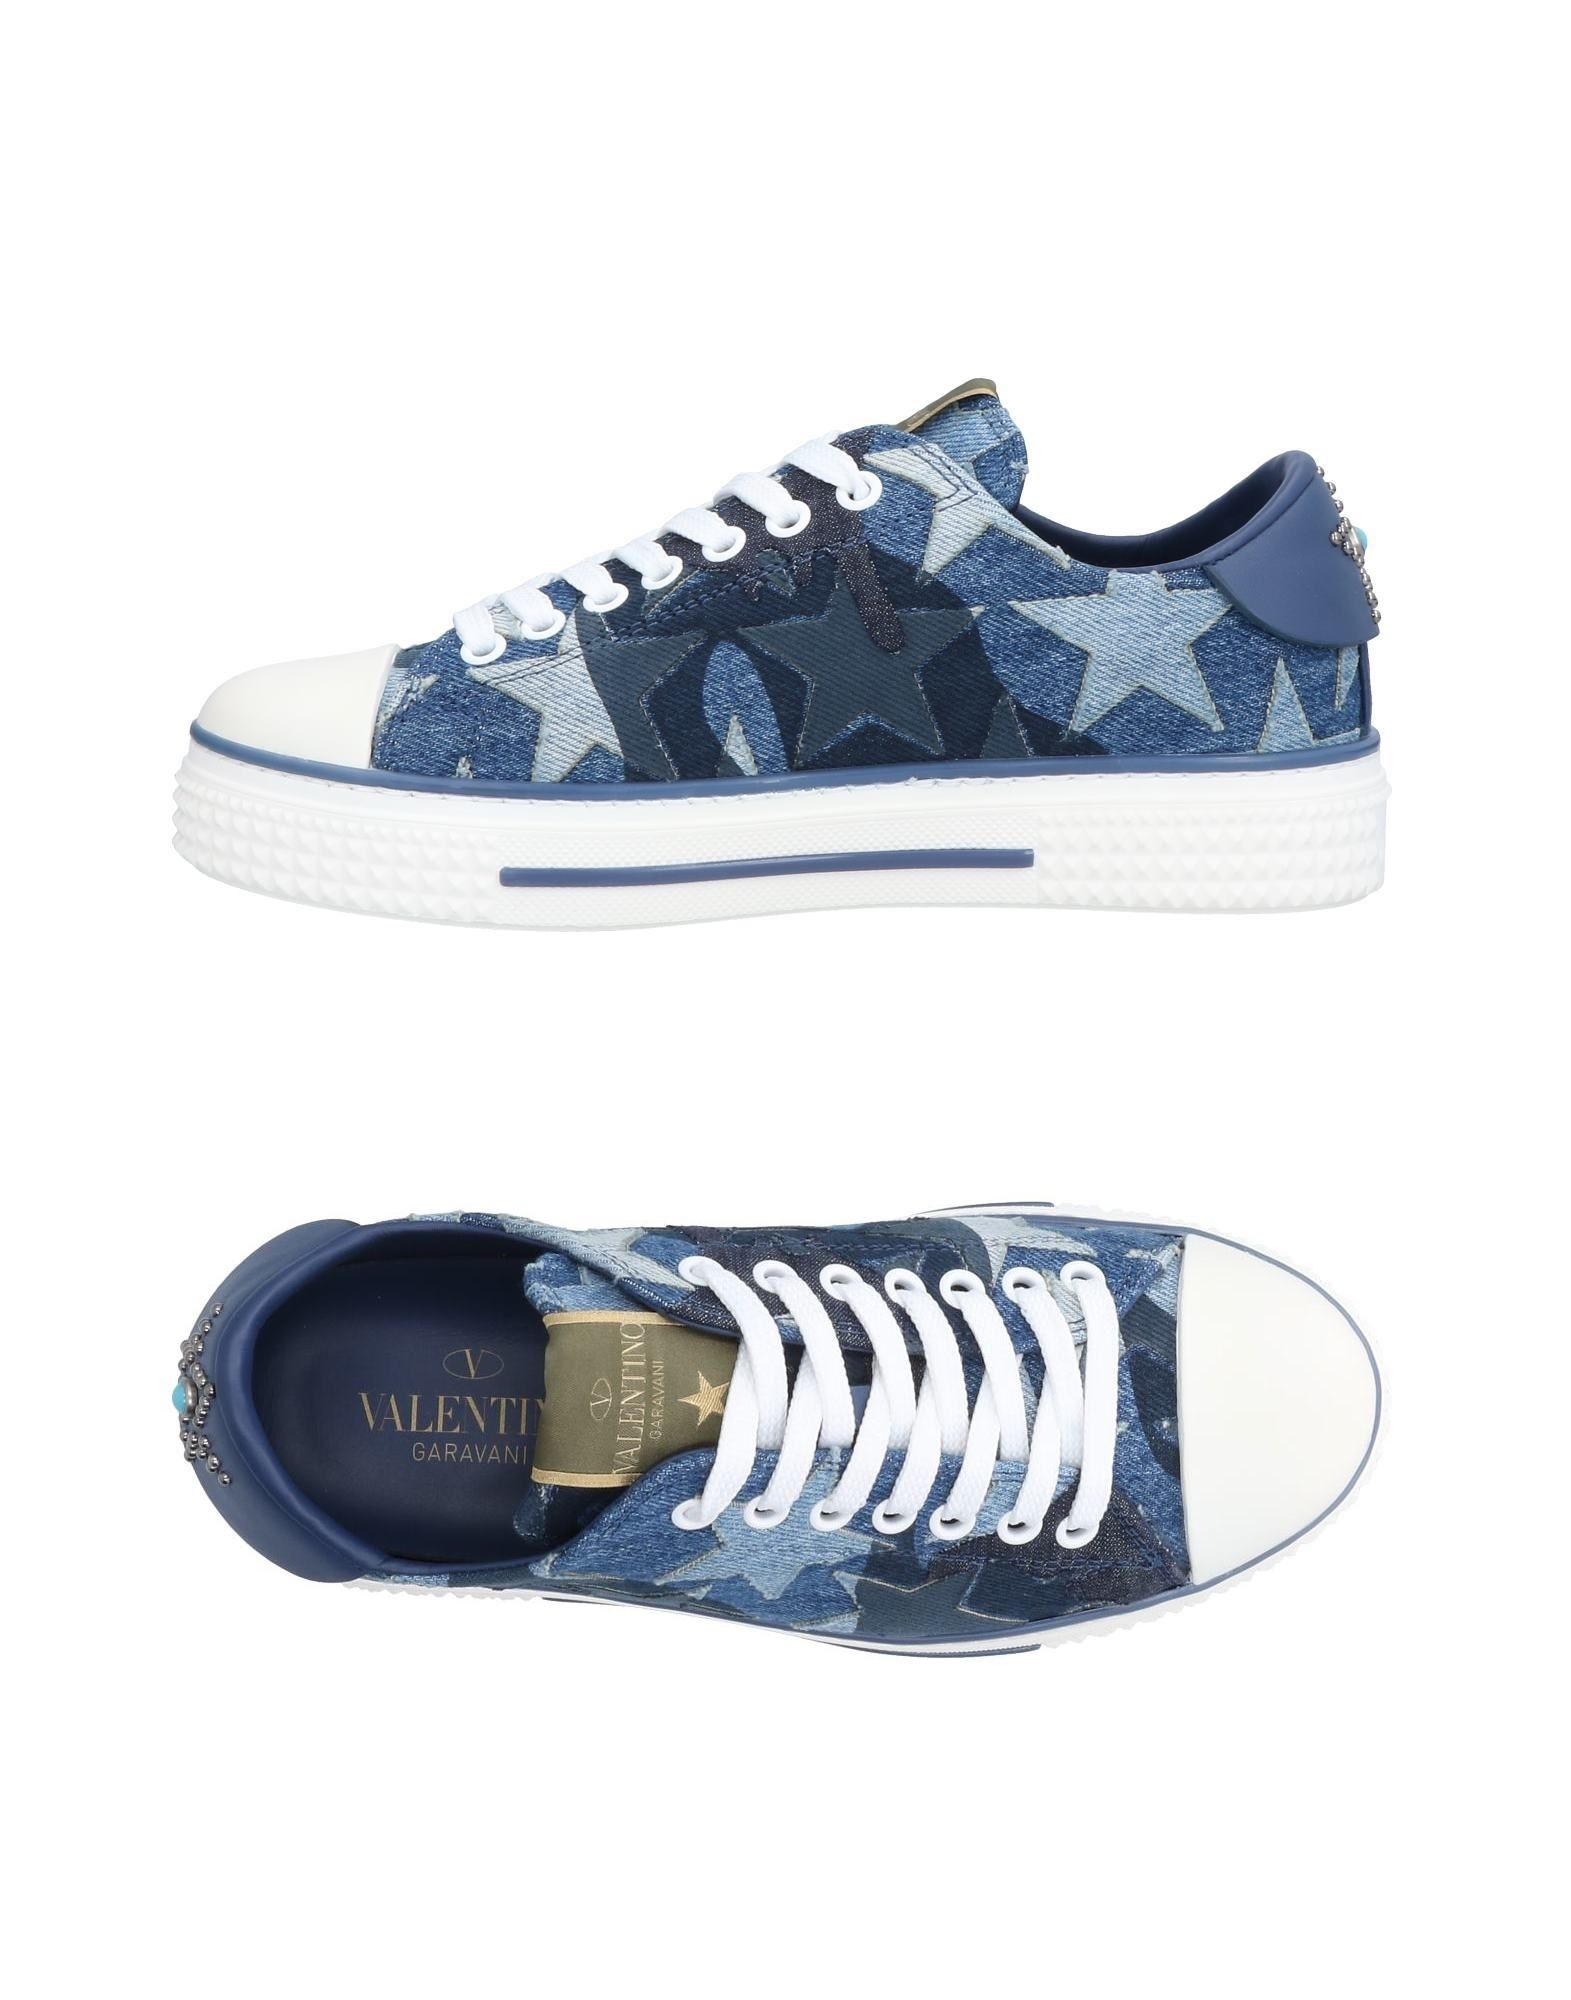 Valentino Garavani Sneakers Damen  11505505ADGünstige gut aussehende Schuhe